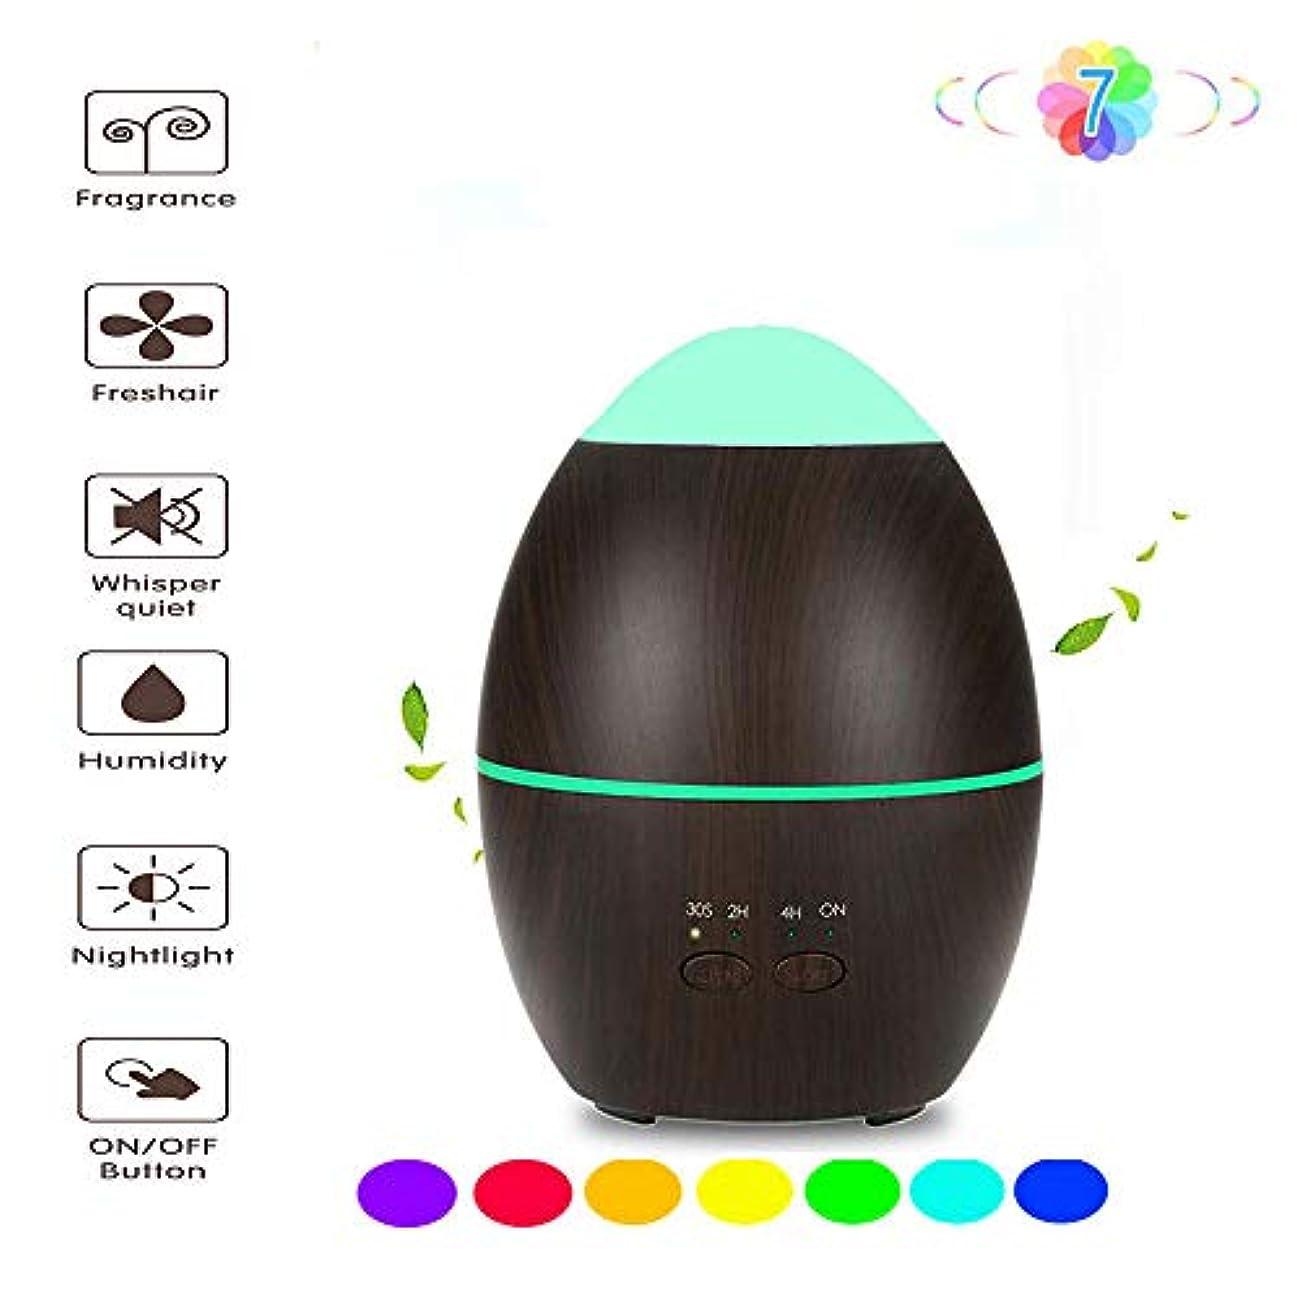 普通の窒素に変わるアロマディフューザー、超音波エッセンシャルオイル加湿器 - 魅力的な7色LEDナイトライト - タイミング設定 - ウォーターレス自動閉300ML